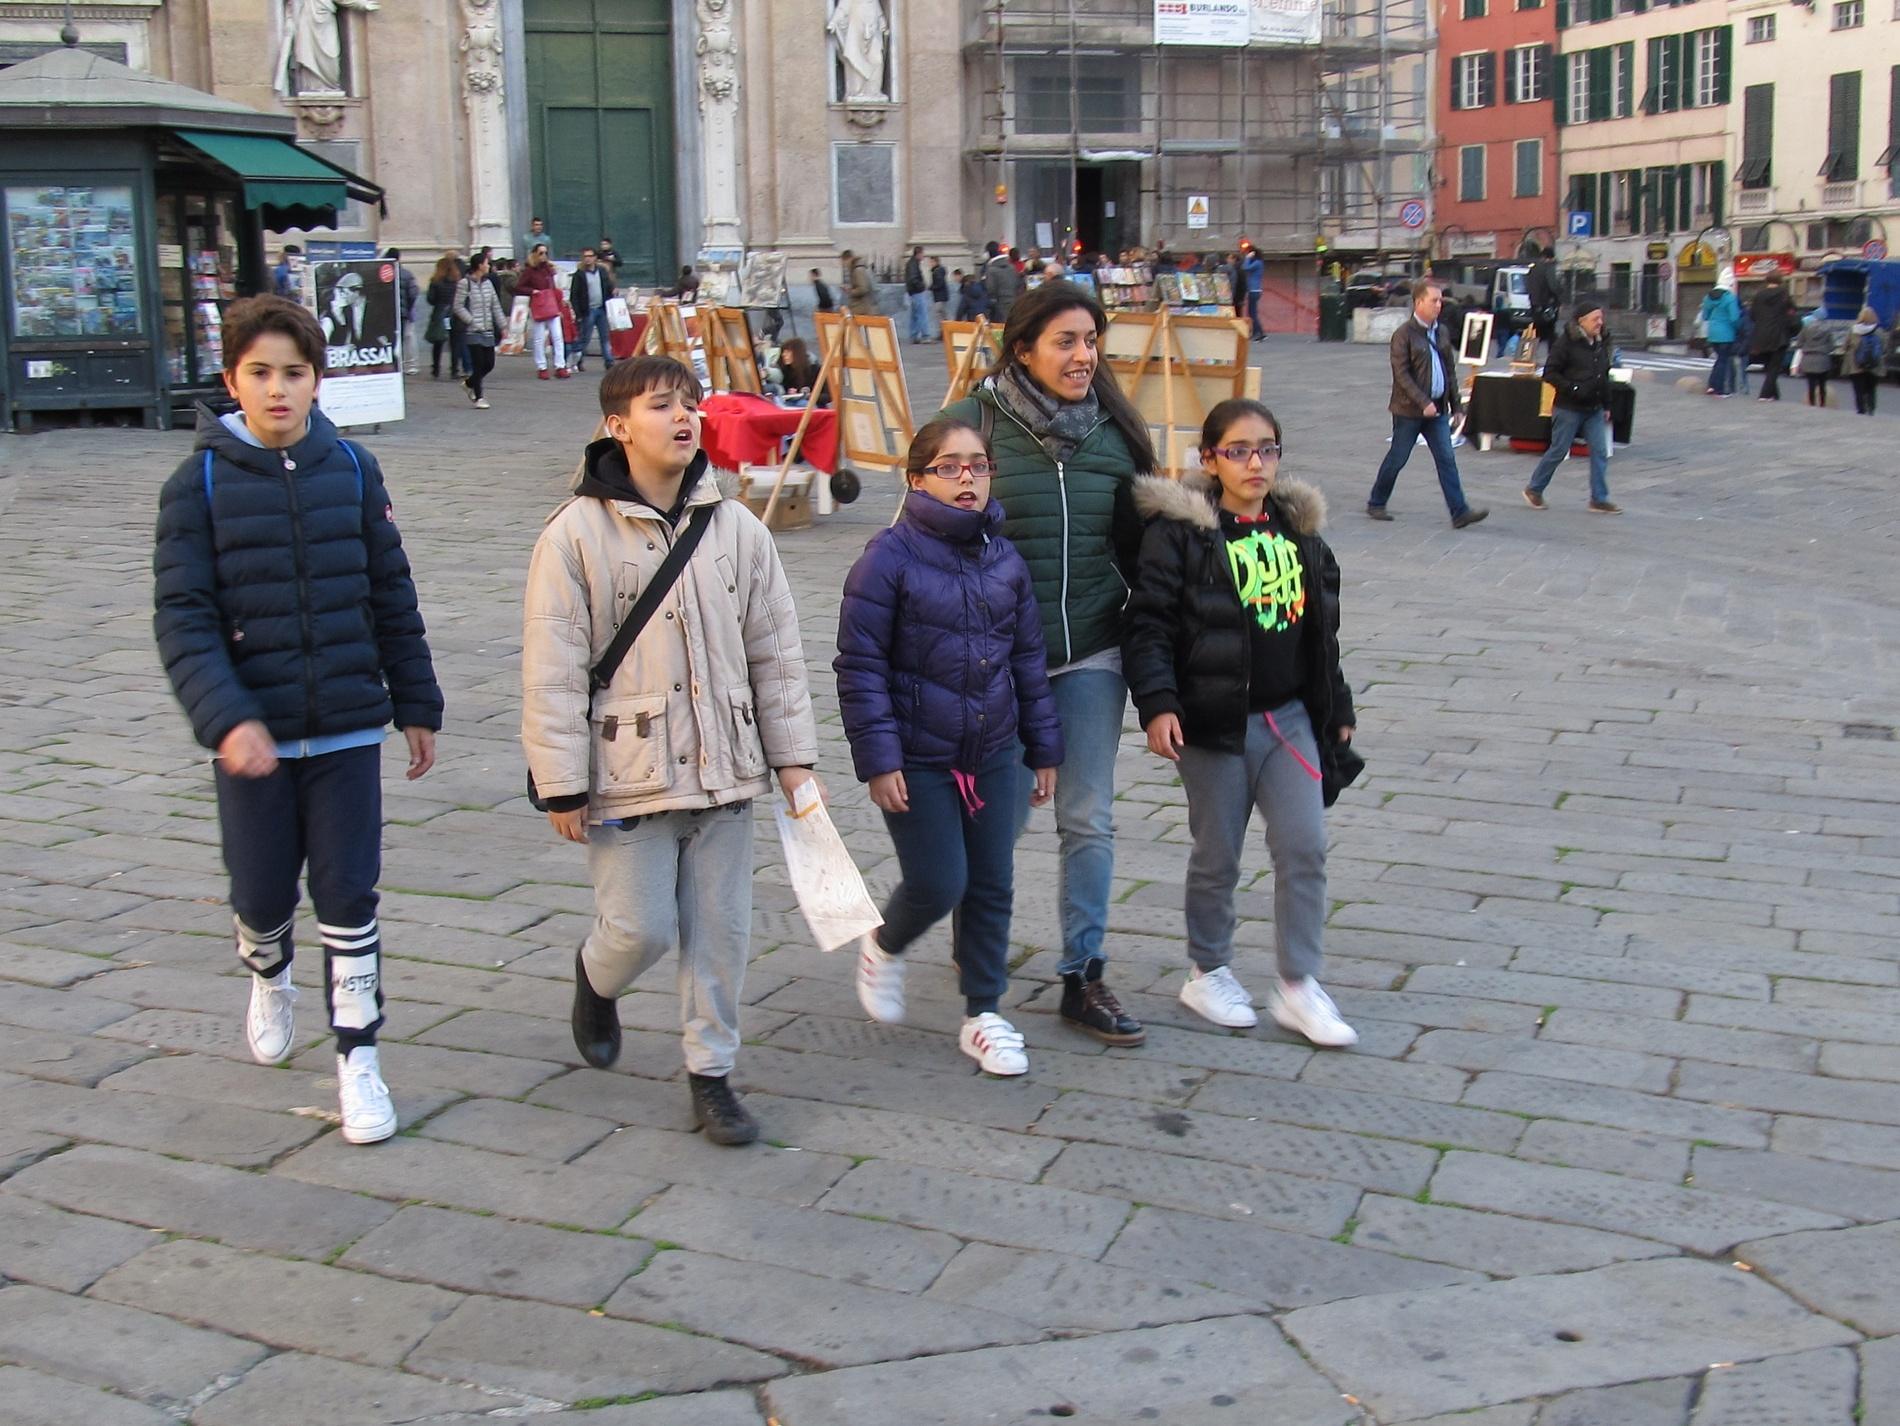 incontro-cresimandi-cresimati-cattedrale-2015-11-28-15-36-33